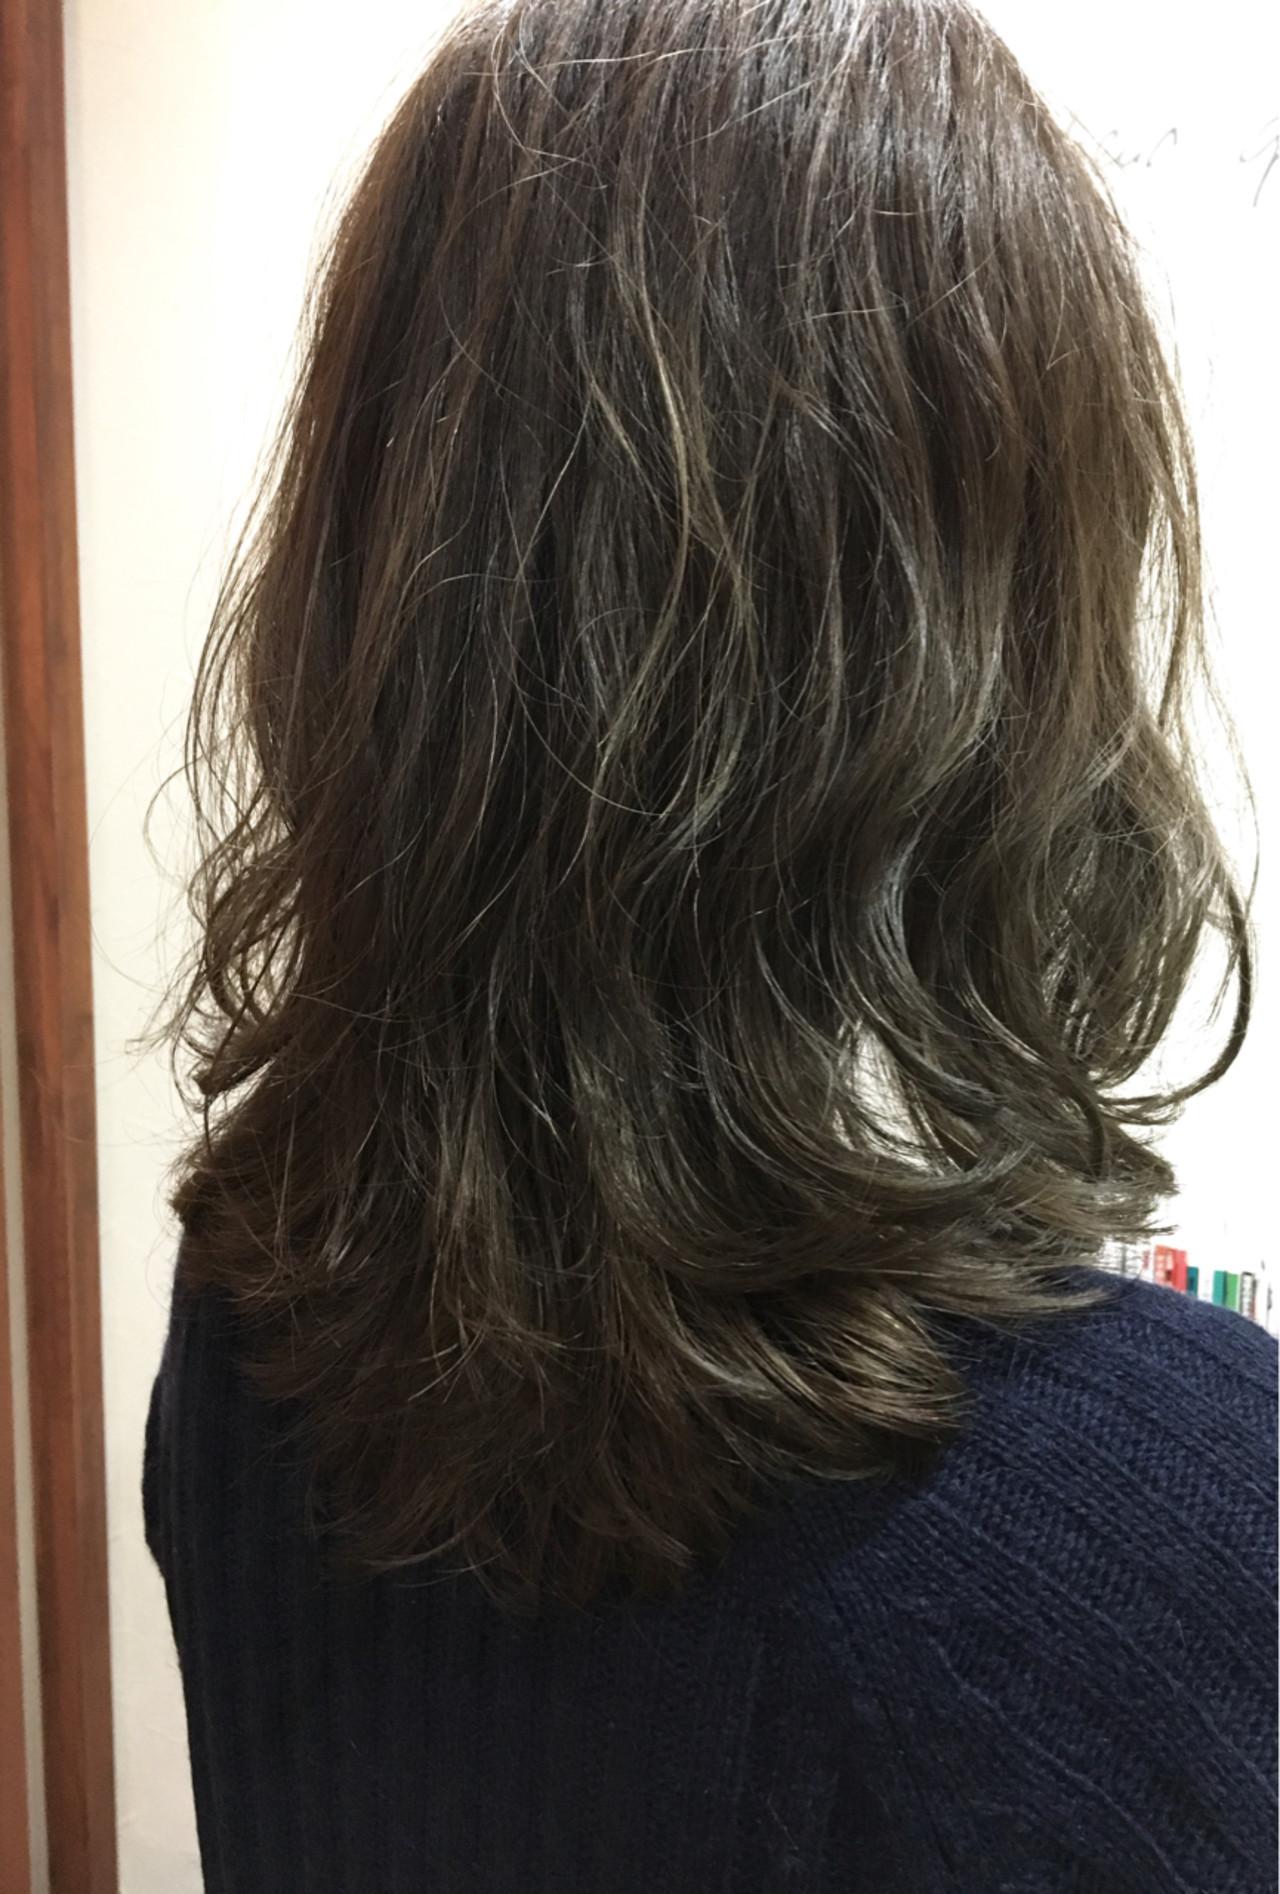 グラデーションカラー パーマ 外国人風 ミディアム ヘアスタイルや髪型の写真・画像